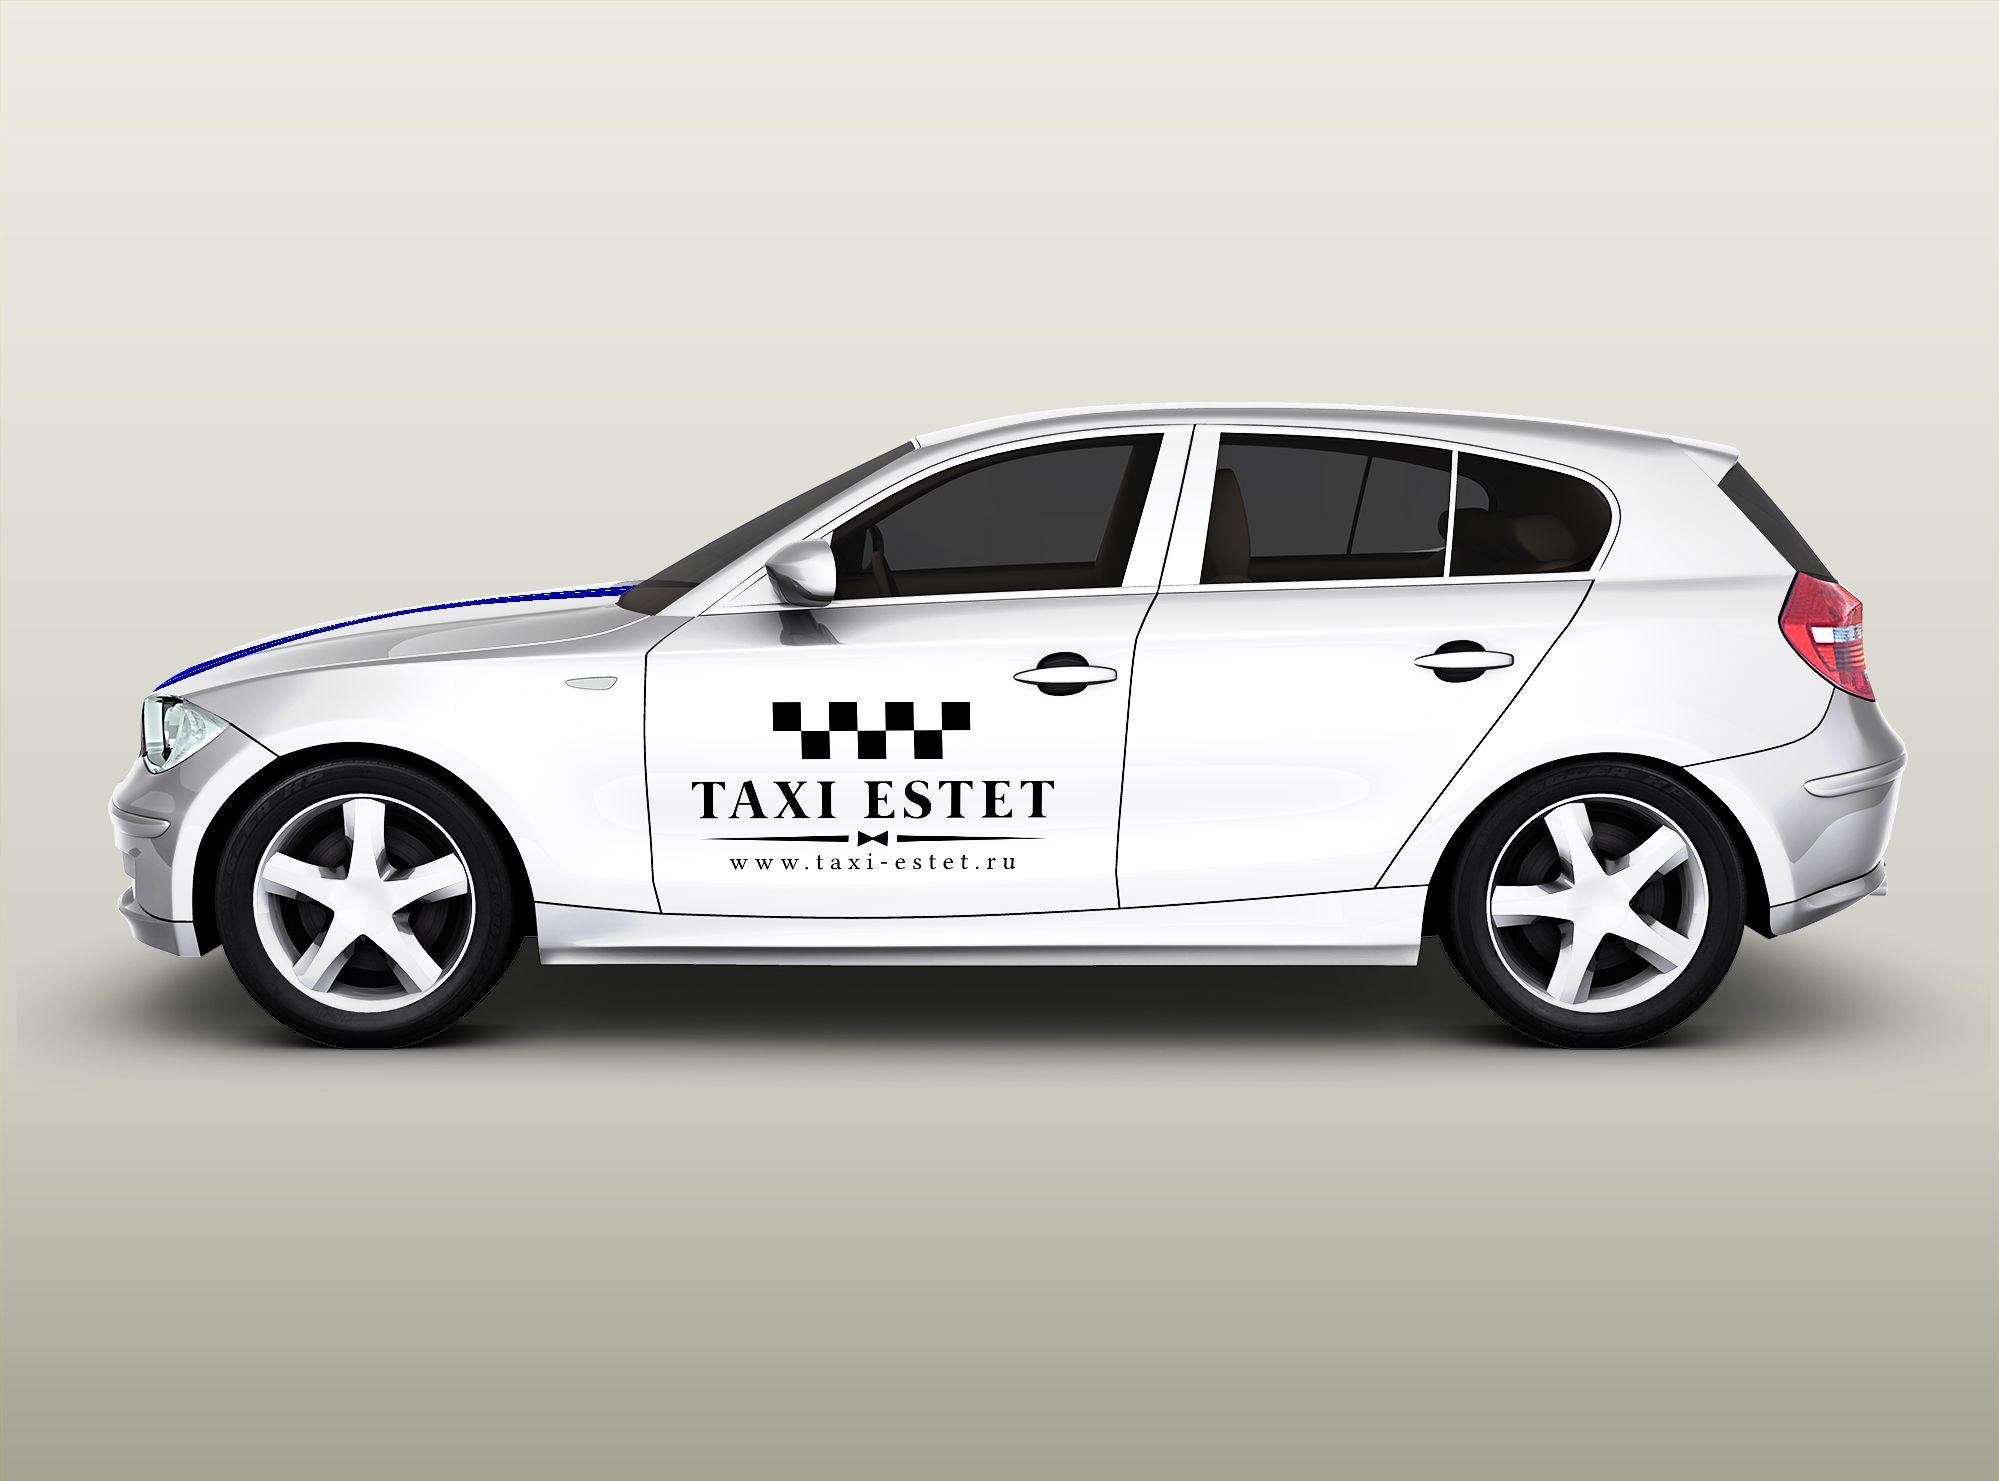 Логотип для taxi-estet.ru - дизайнер U4po4mak